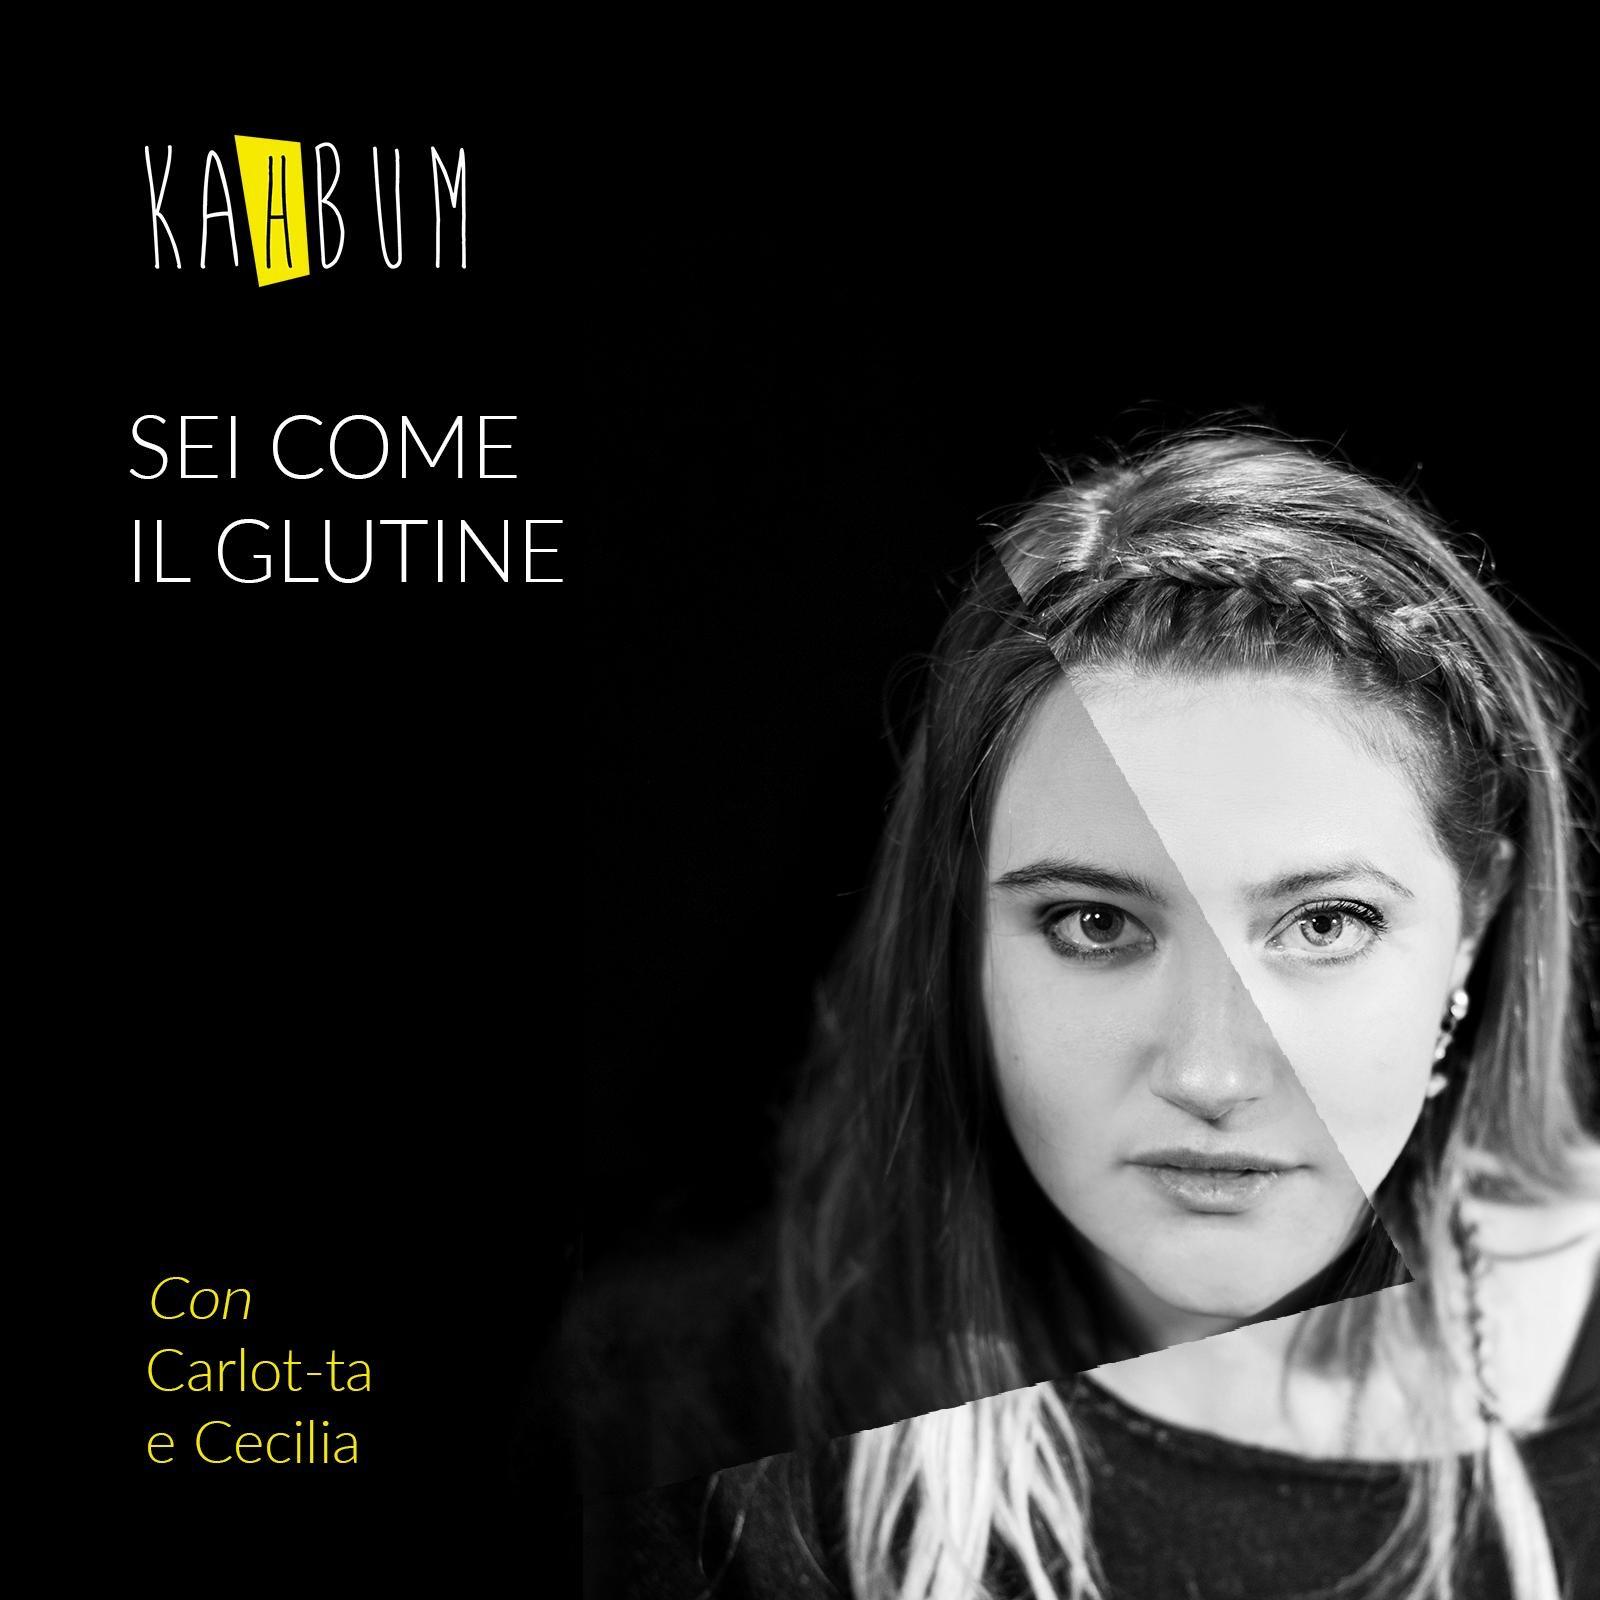 Sei come il glutine (feat. Carlot-Ta & Cecilia) - Single